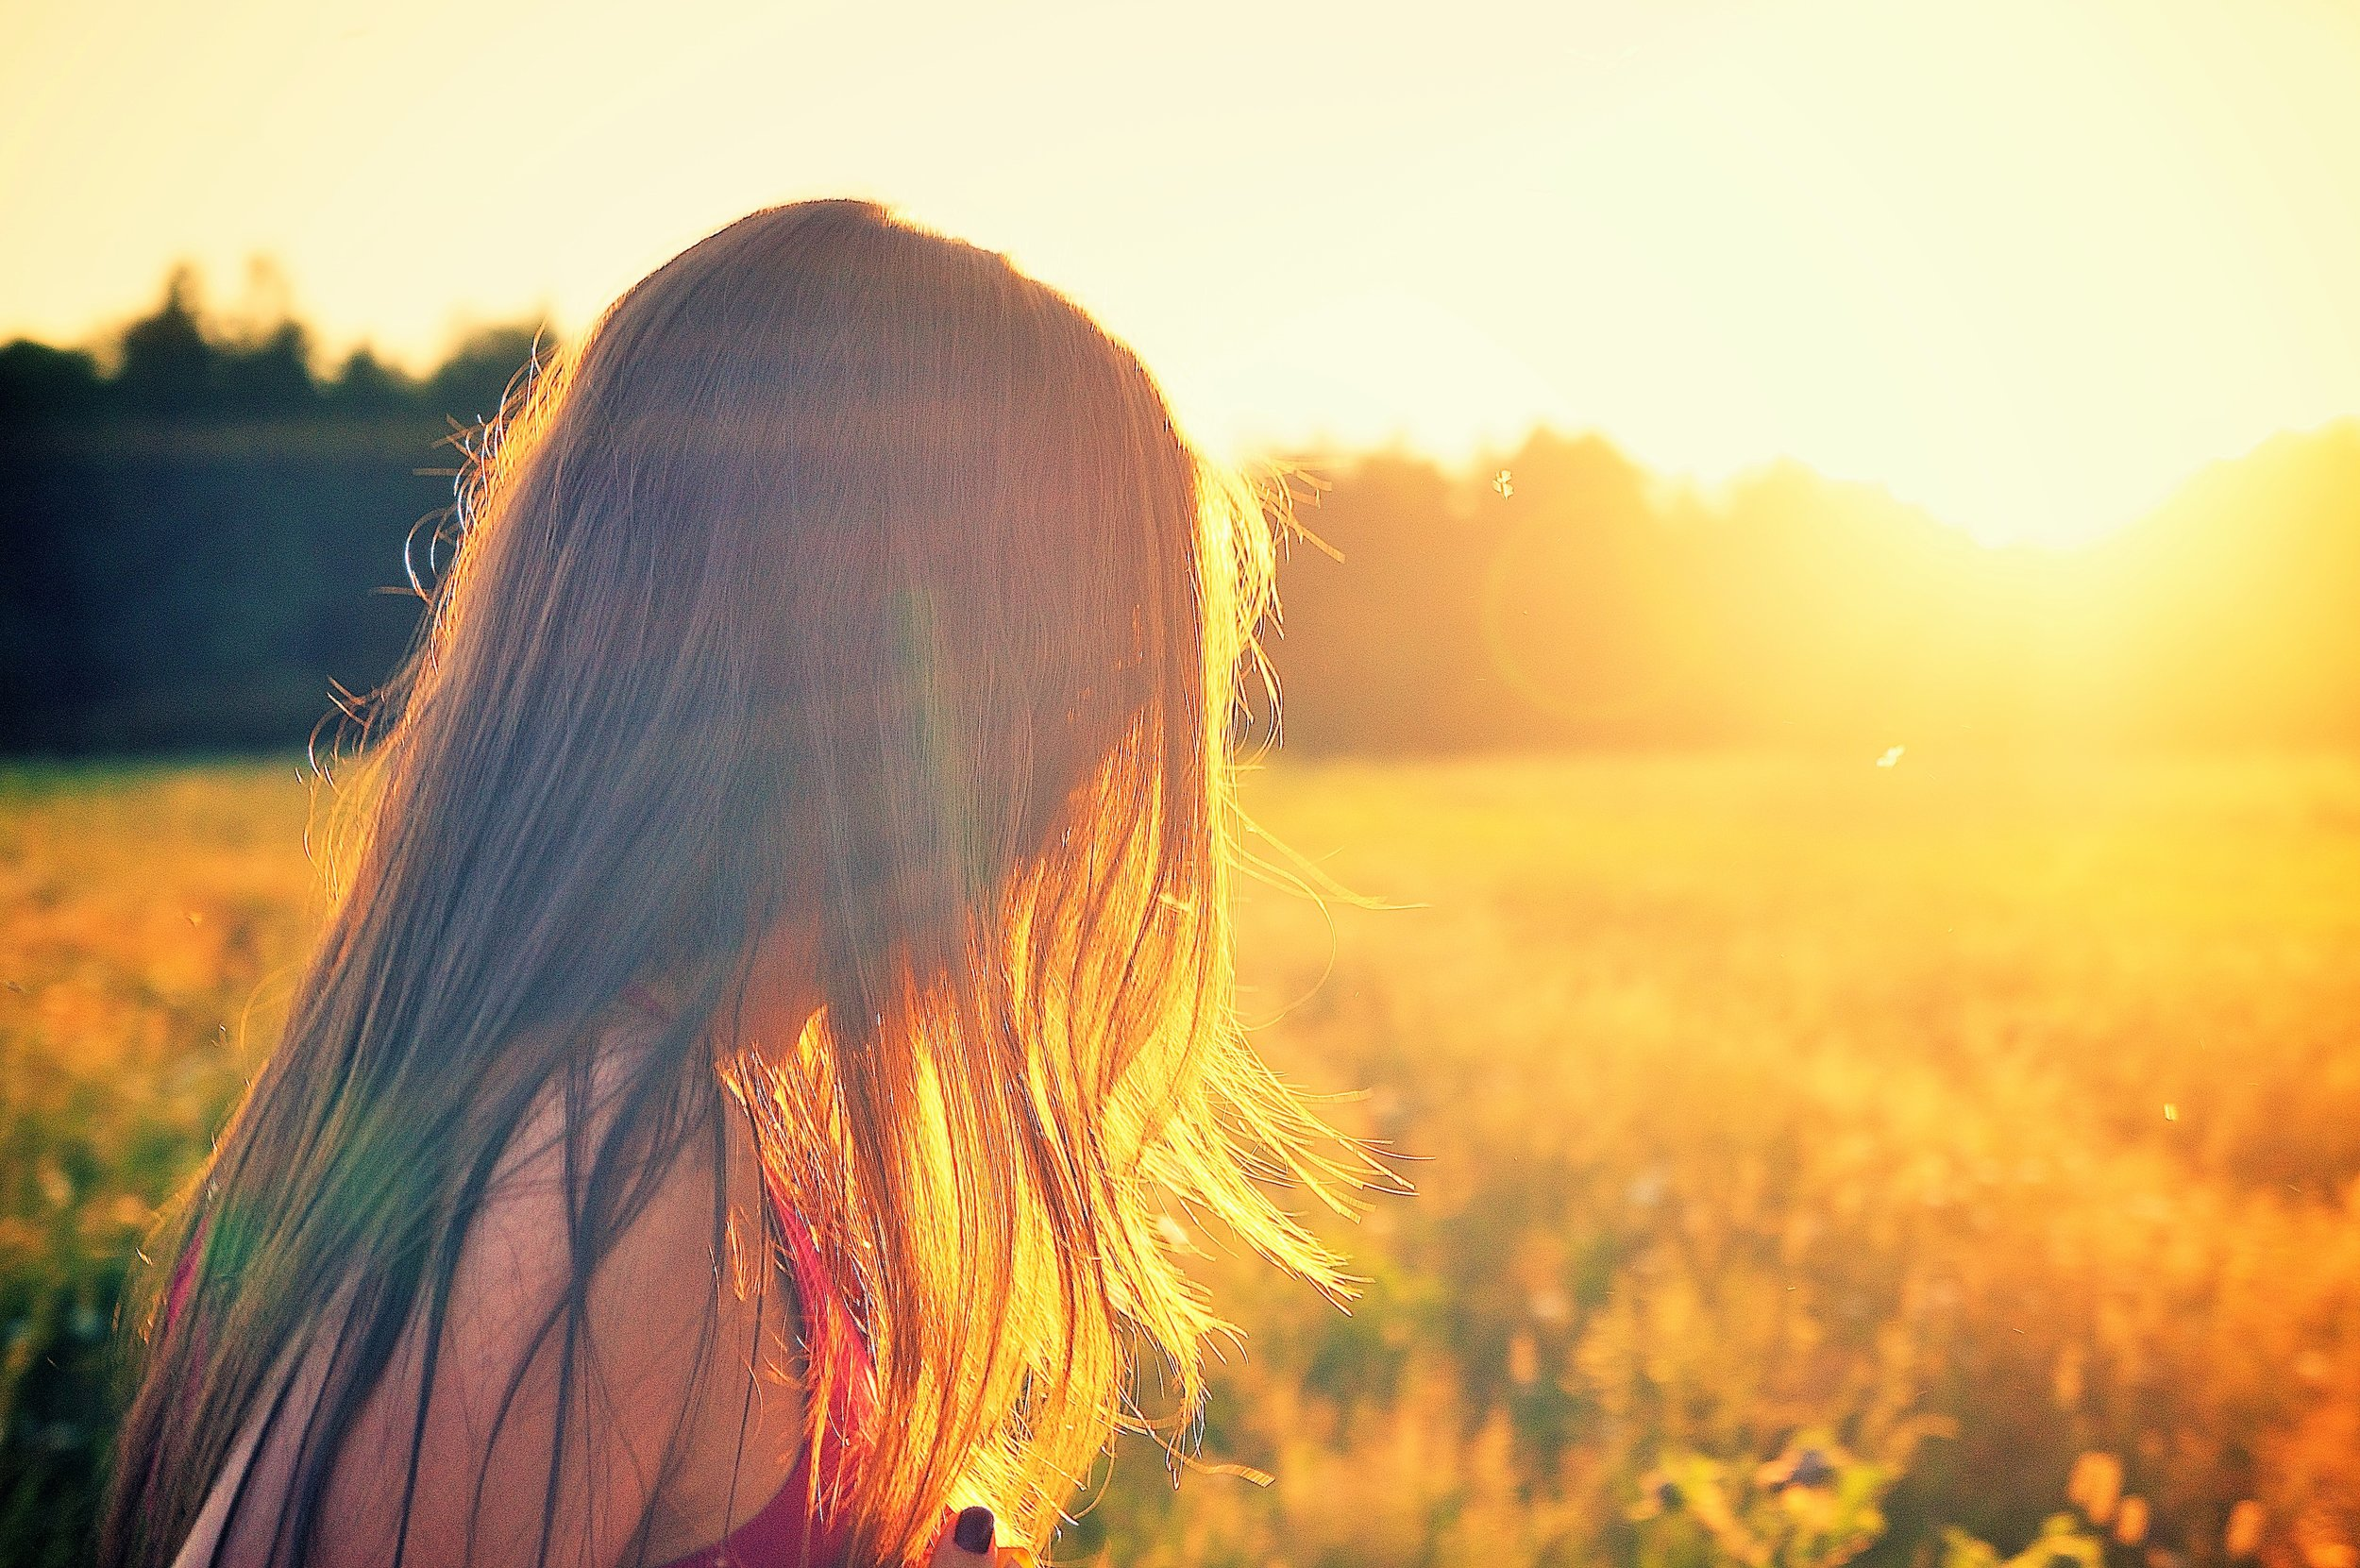 girl-hair-meadow-403 (3).jpg